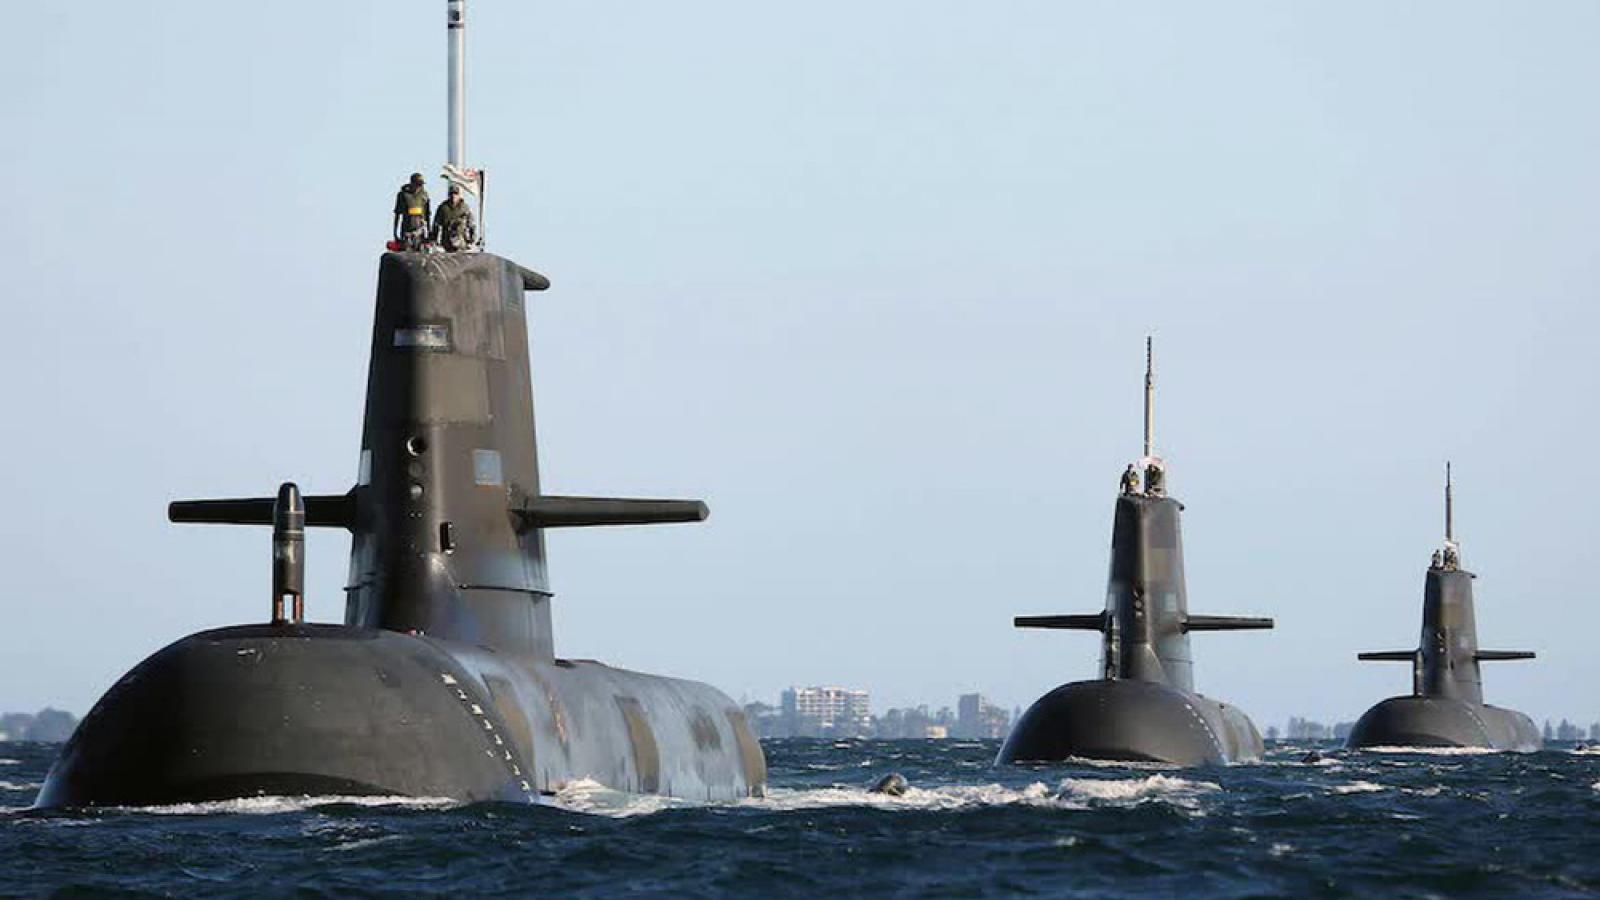 Tiết lộ các cuộc đàm phán bí mật dẫn tới thỏa thuận tàu ngầm hạt nhân giữa Australia và Mỹ